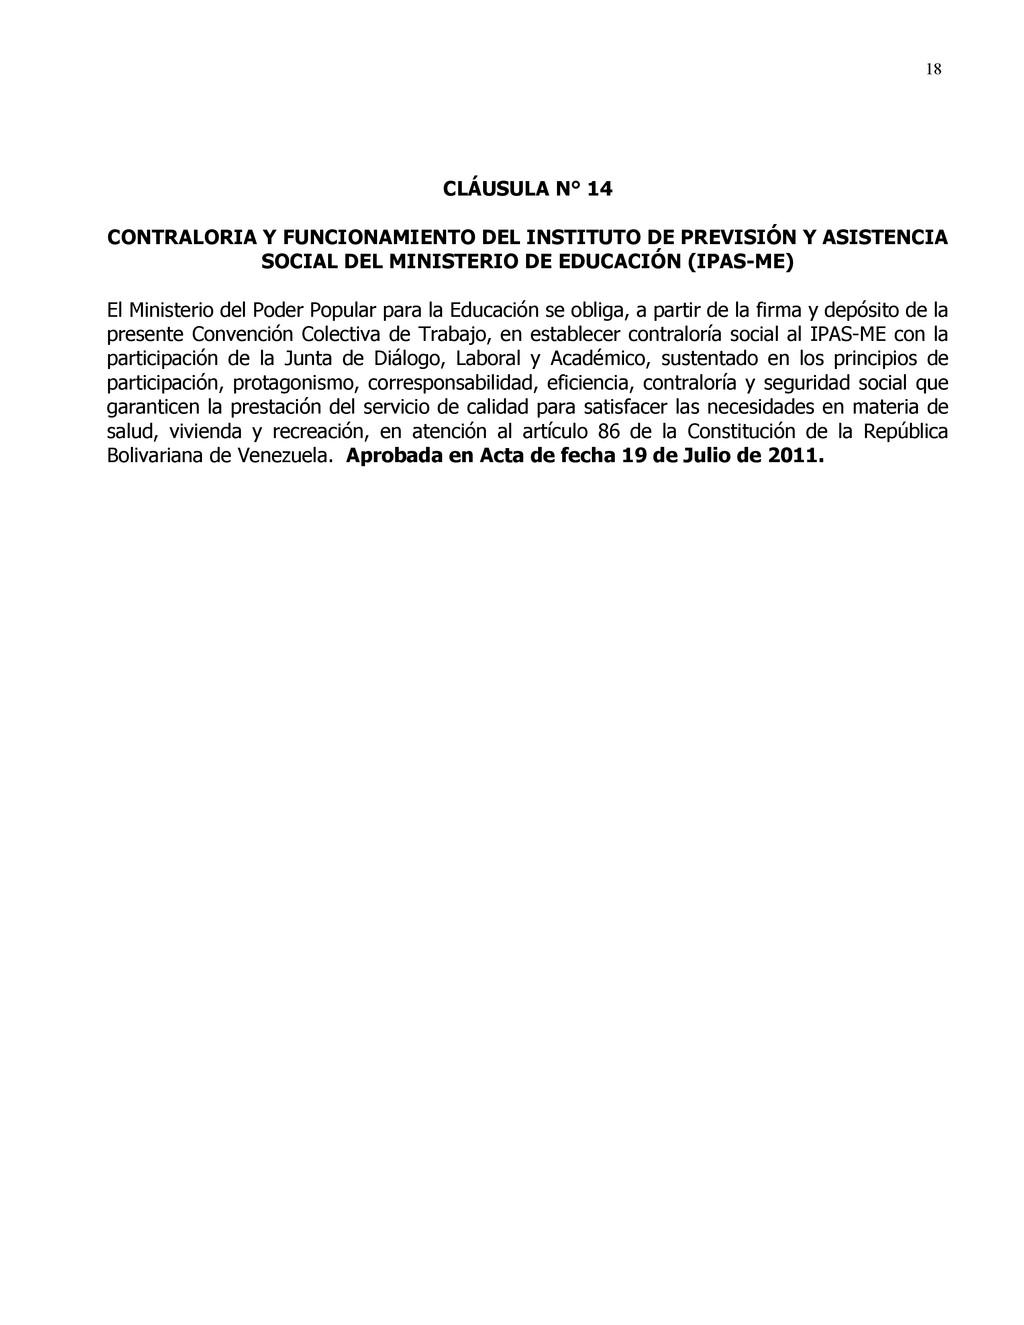 18 CLÁUSULA N° 14 CONTRALORIA Y FUNCIONAMIENTO ...